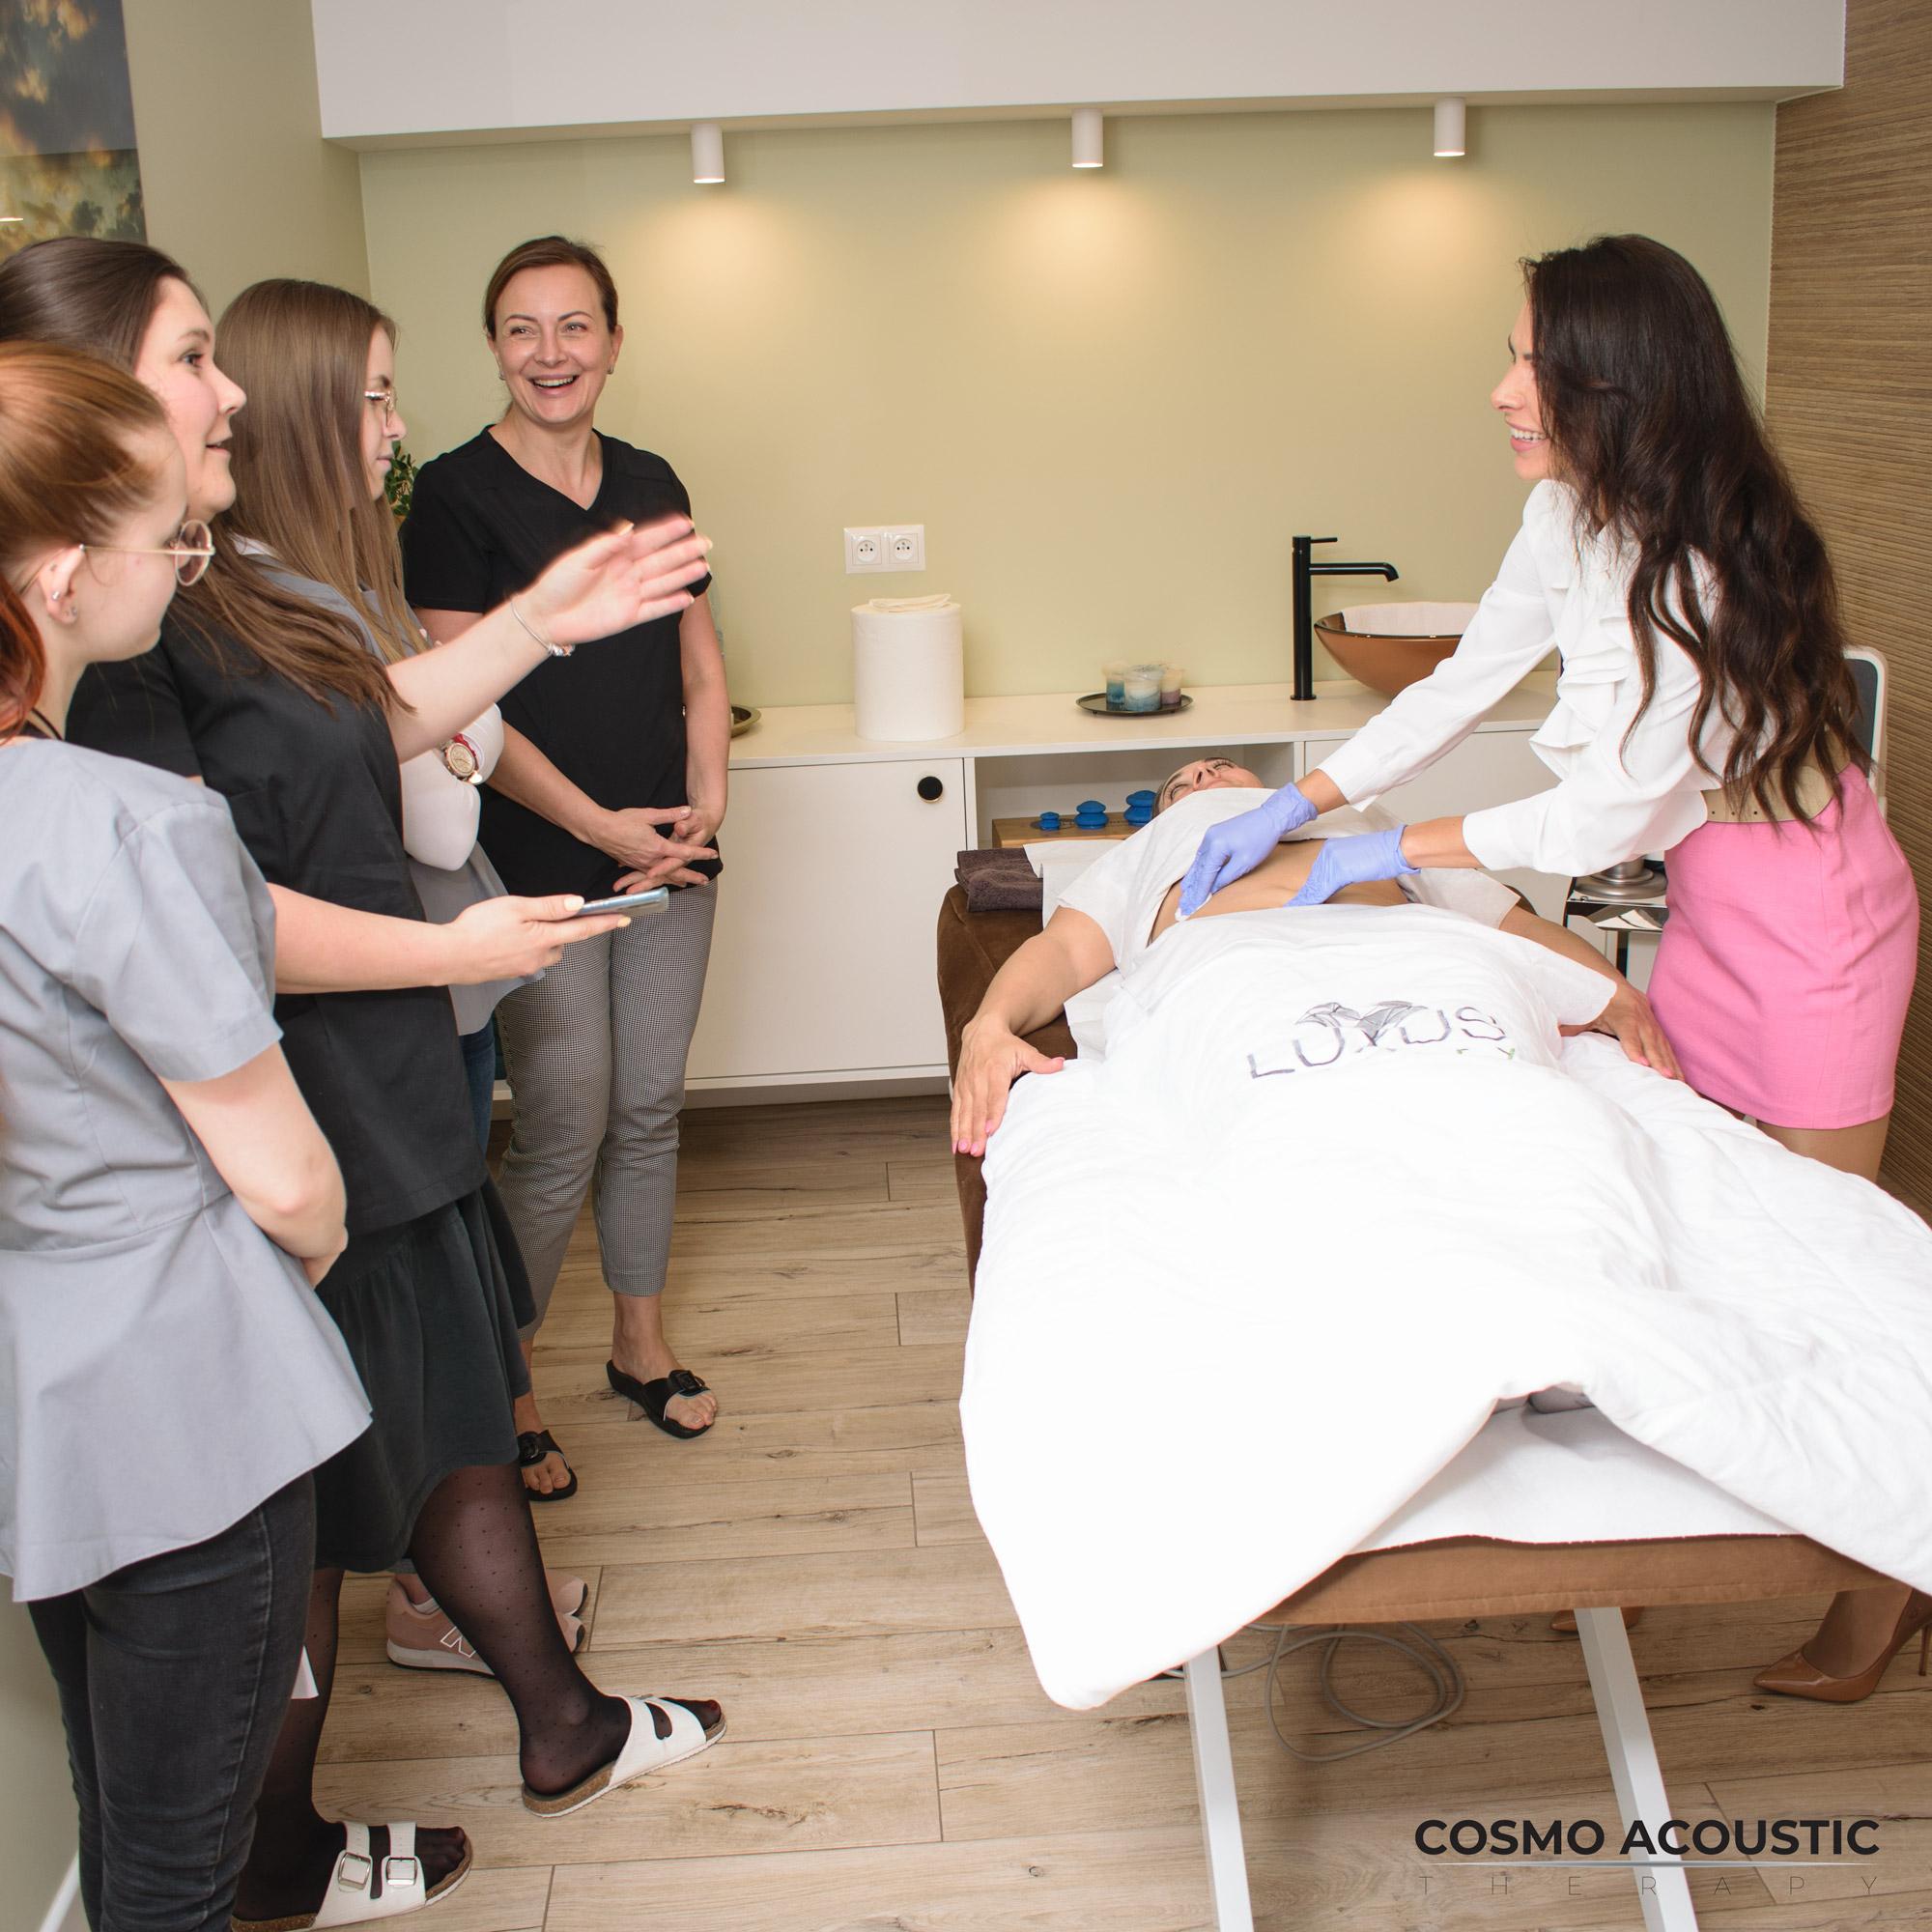 Nauka praktyczna jest prowadzona przez mgr kosmetologii i fizjoterapii dla każdej uczestniczki